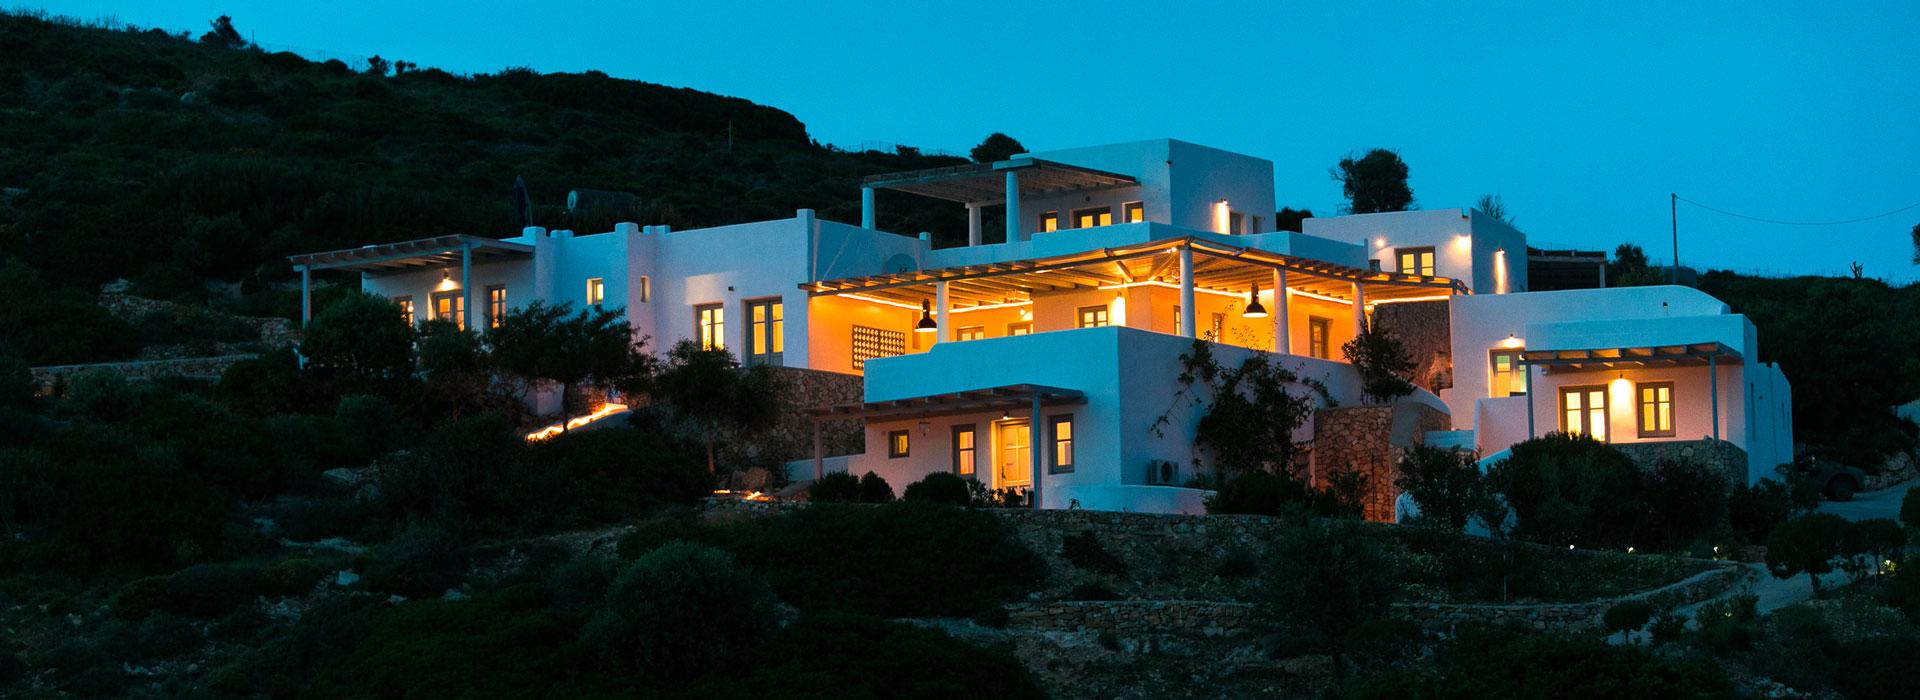 Location maison avec vue sur la mer - Lipsi